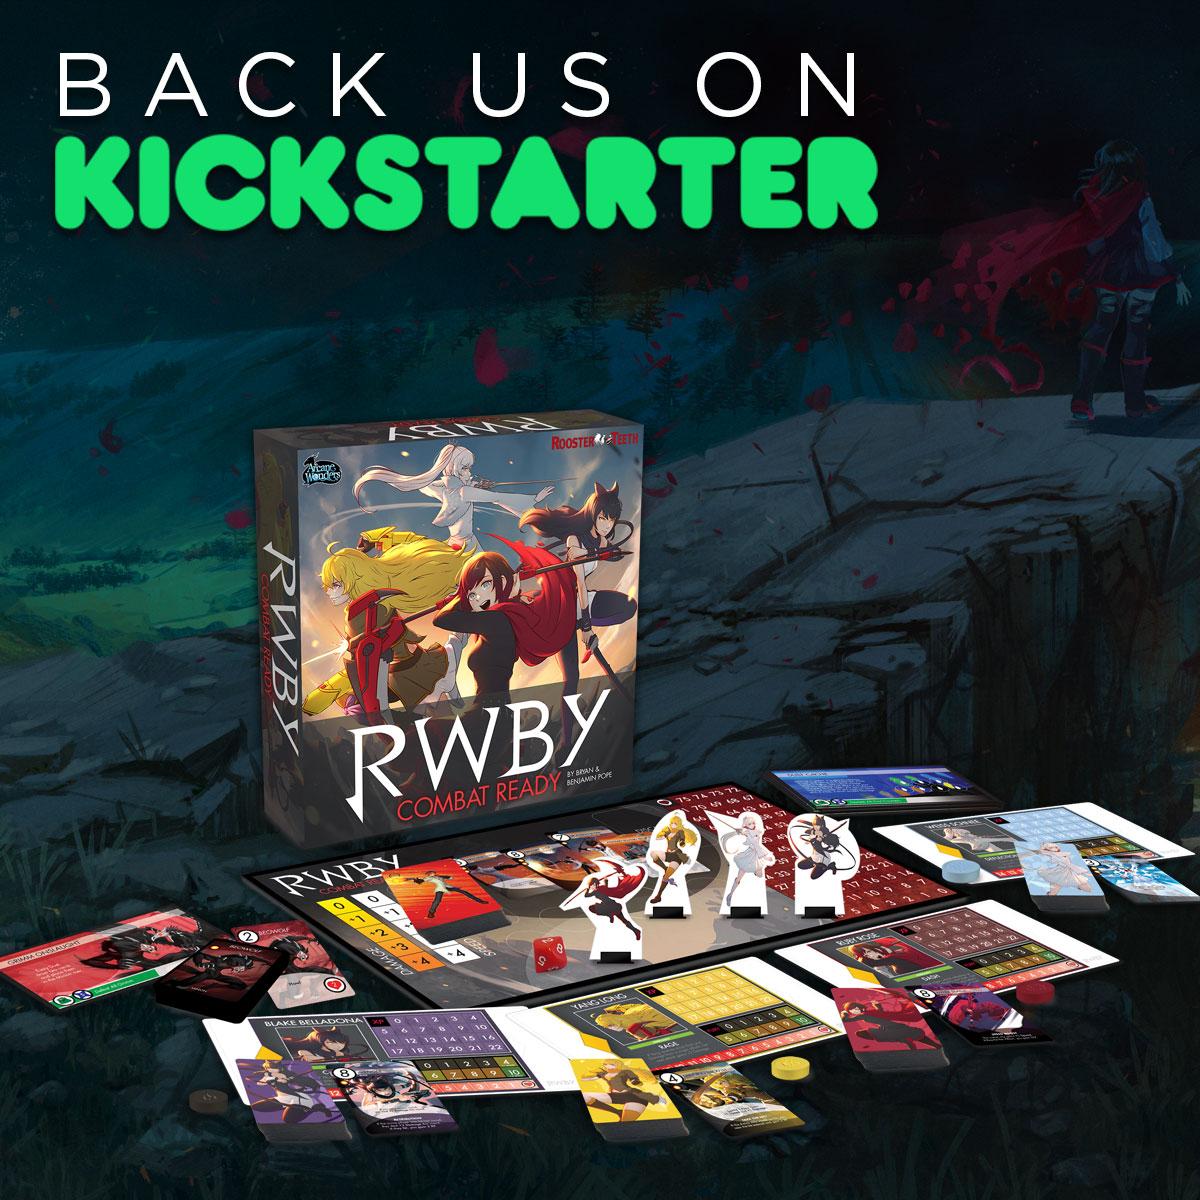 rwby_combat_kickstarter_1200x1200_v2.jpg